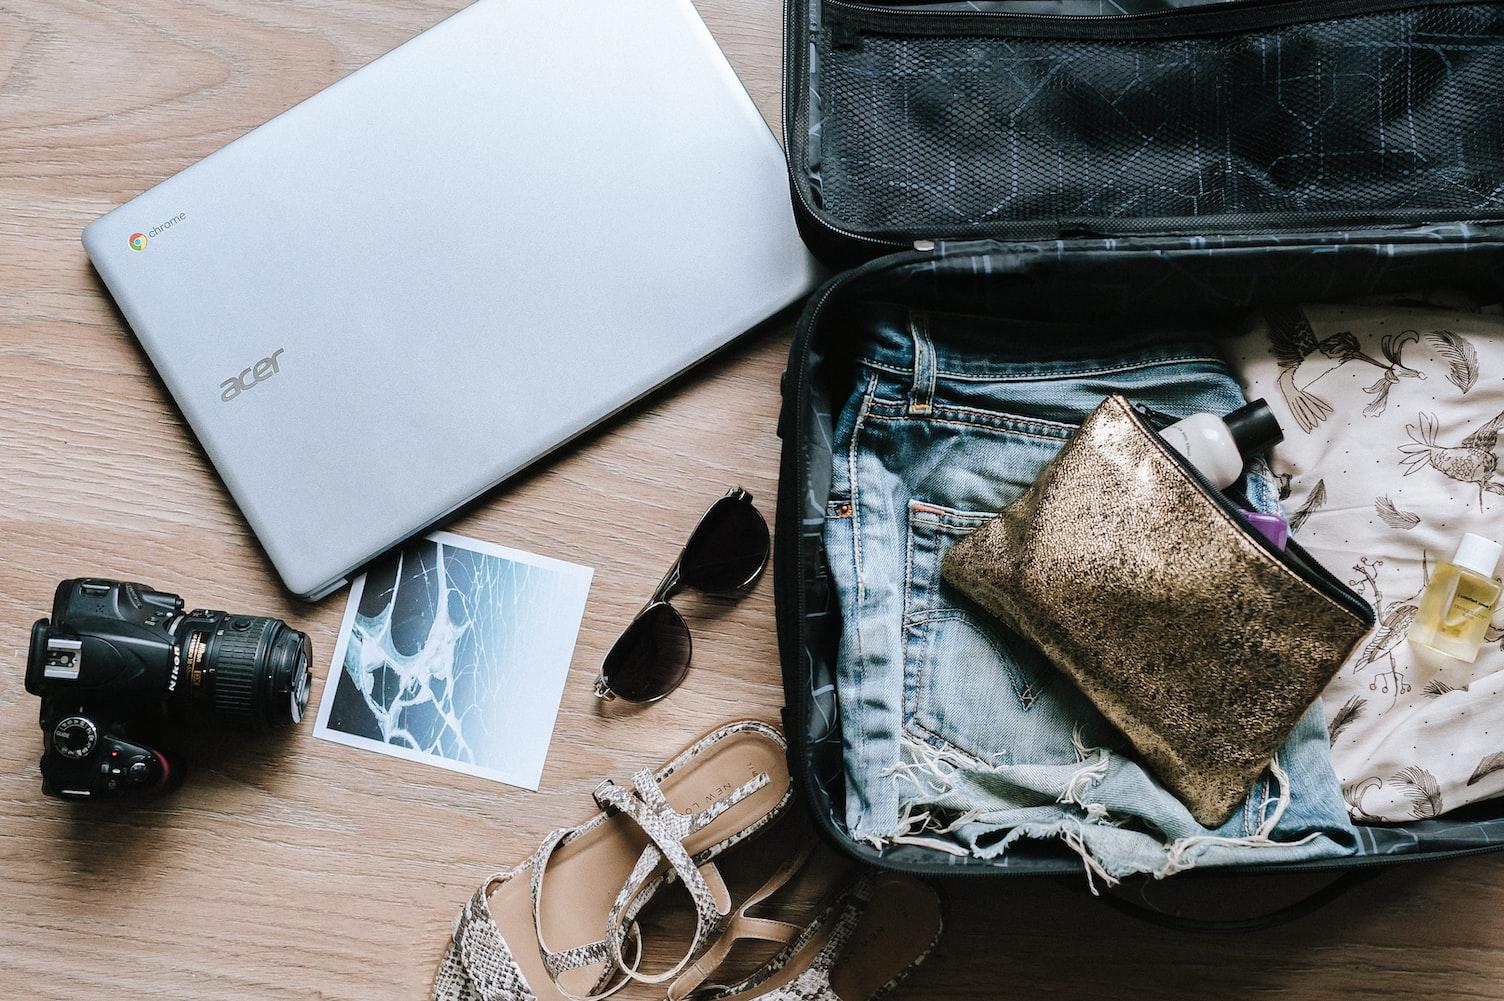 Valeez travel - votre voyage sur mesure par Perrine, votre travel planner